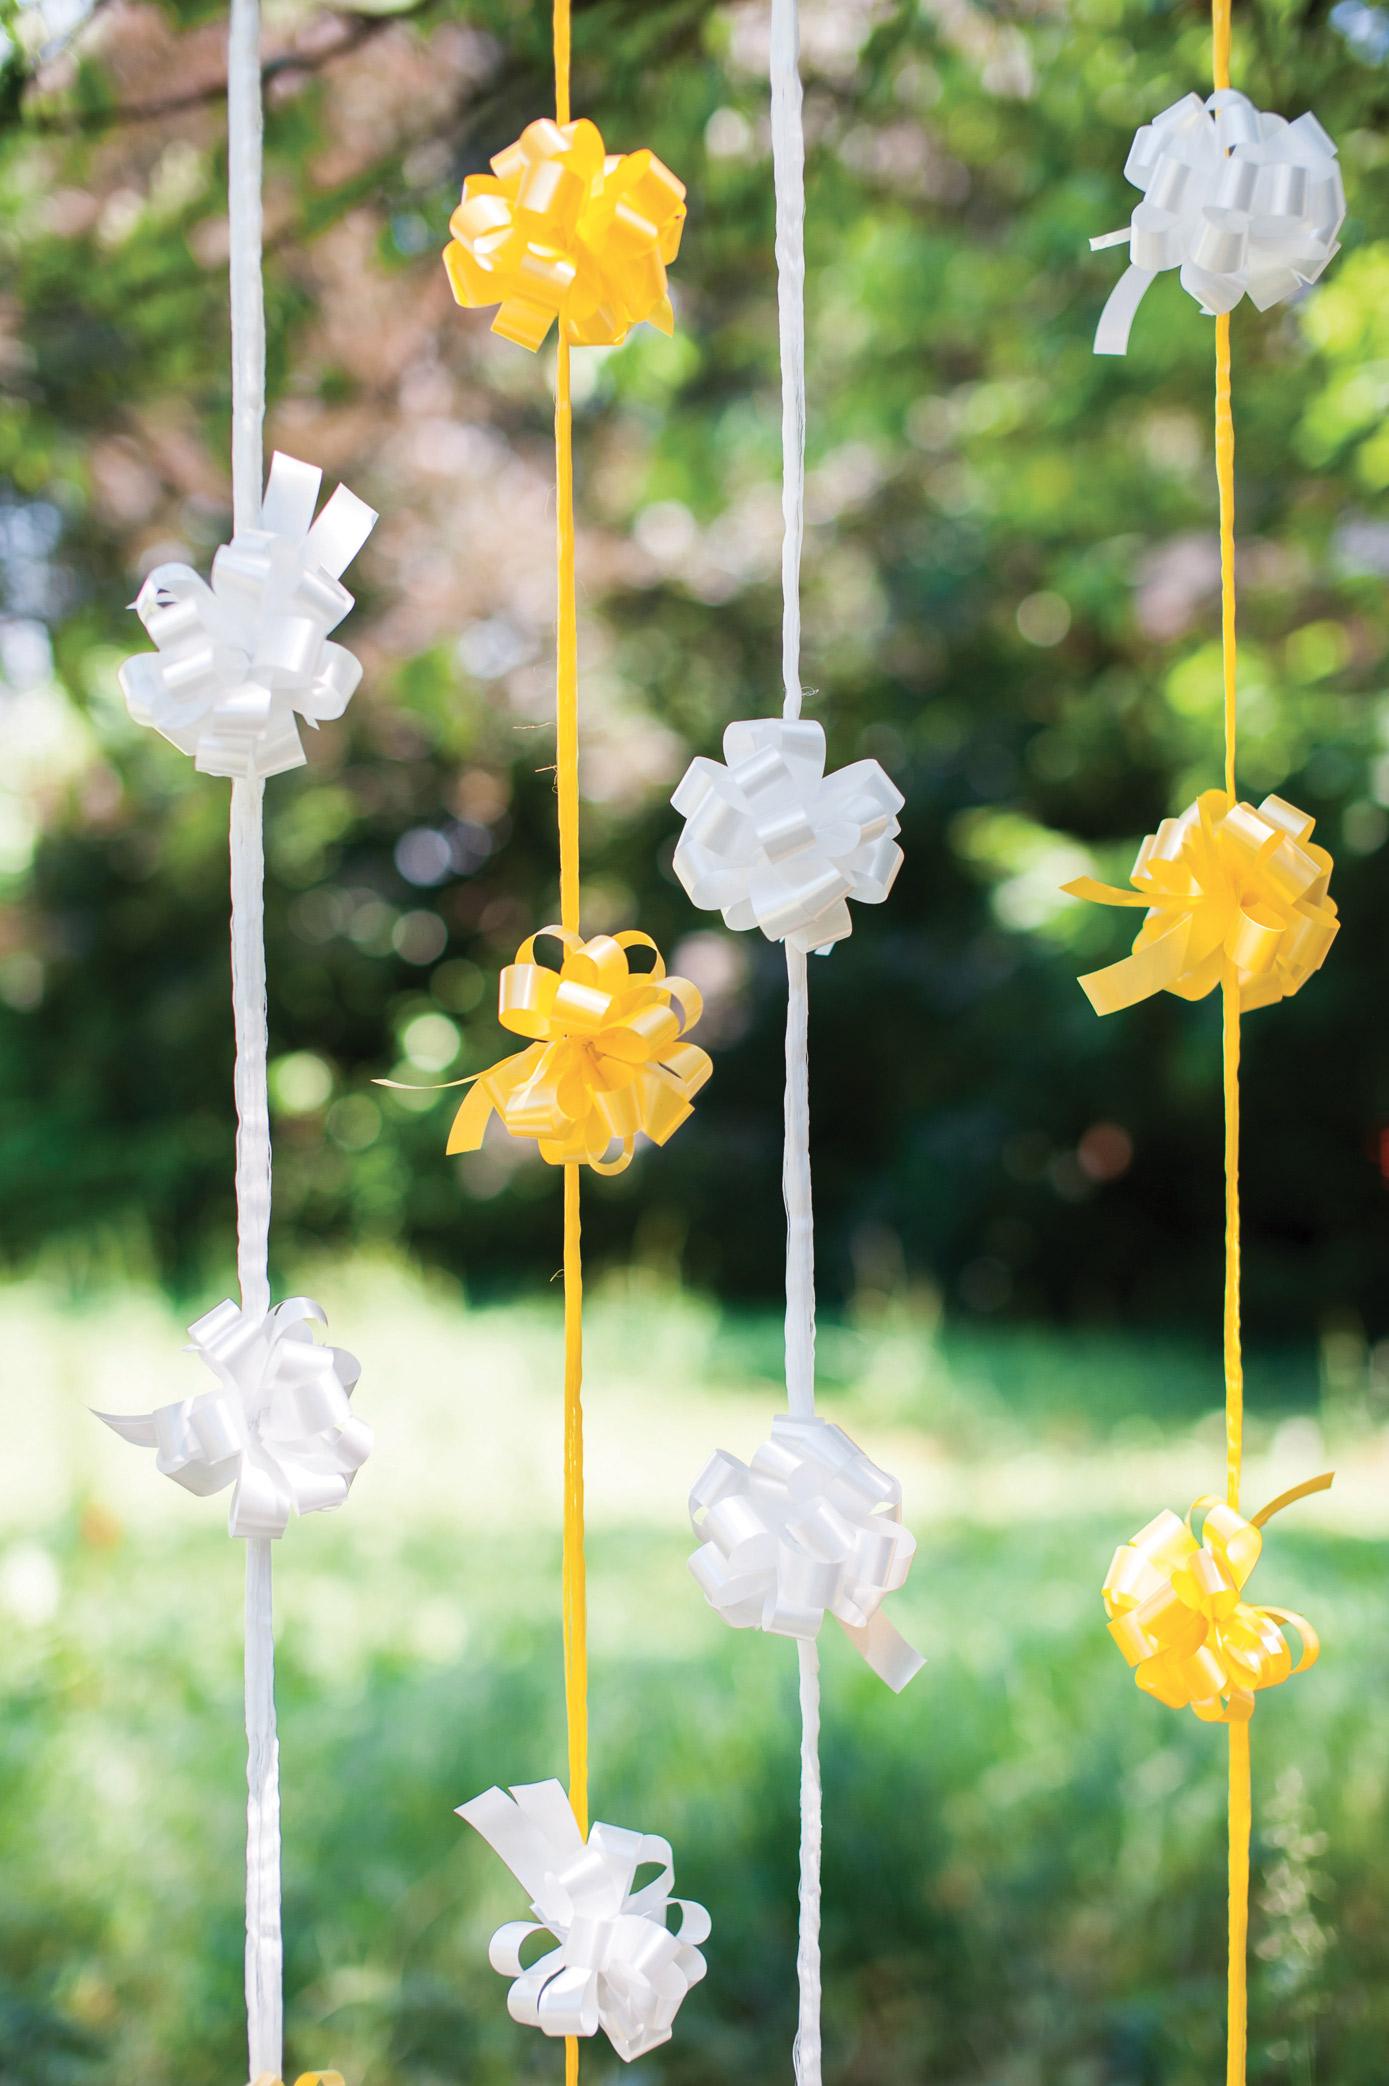 Matrimonio In Giallo E Bianco : Matrimonio in giallo nastri brizzolari